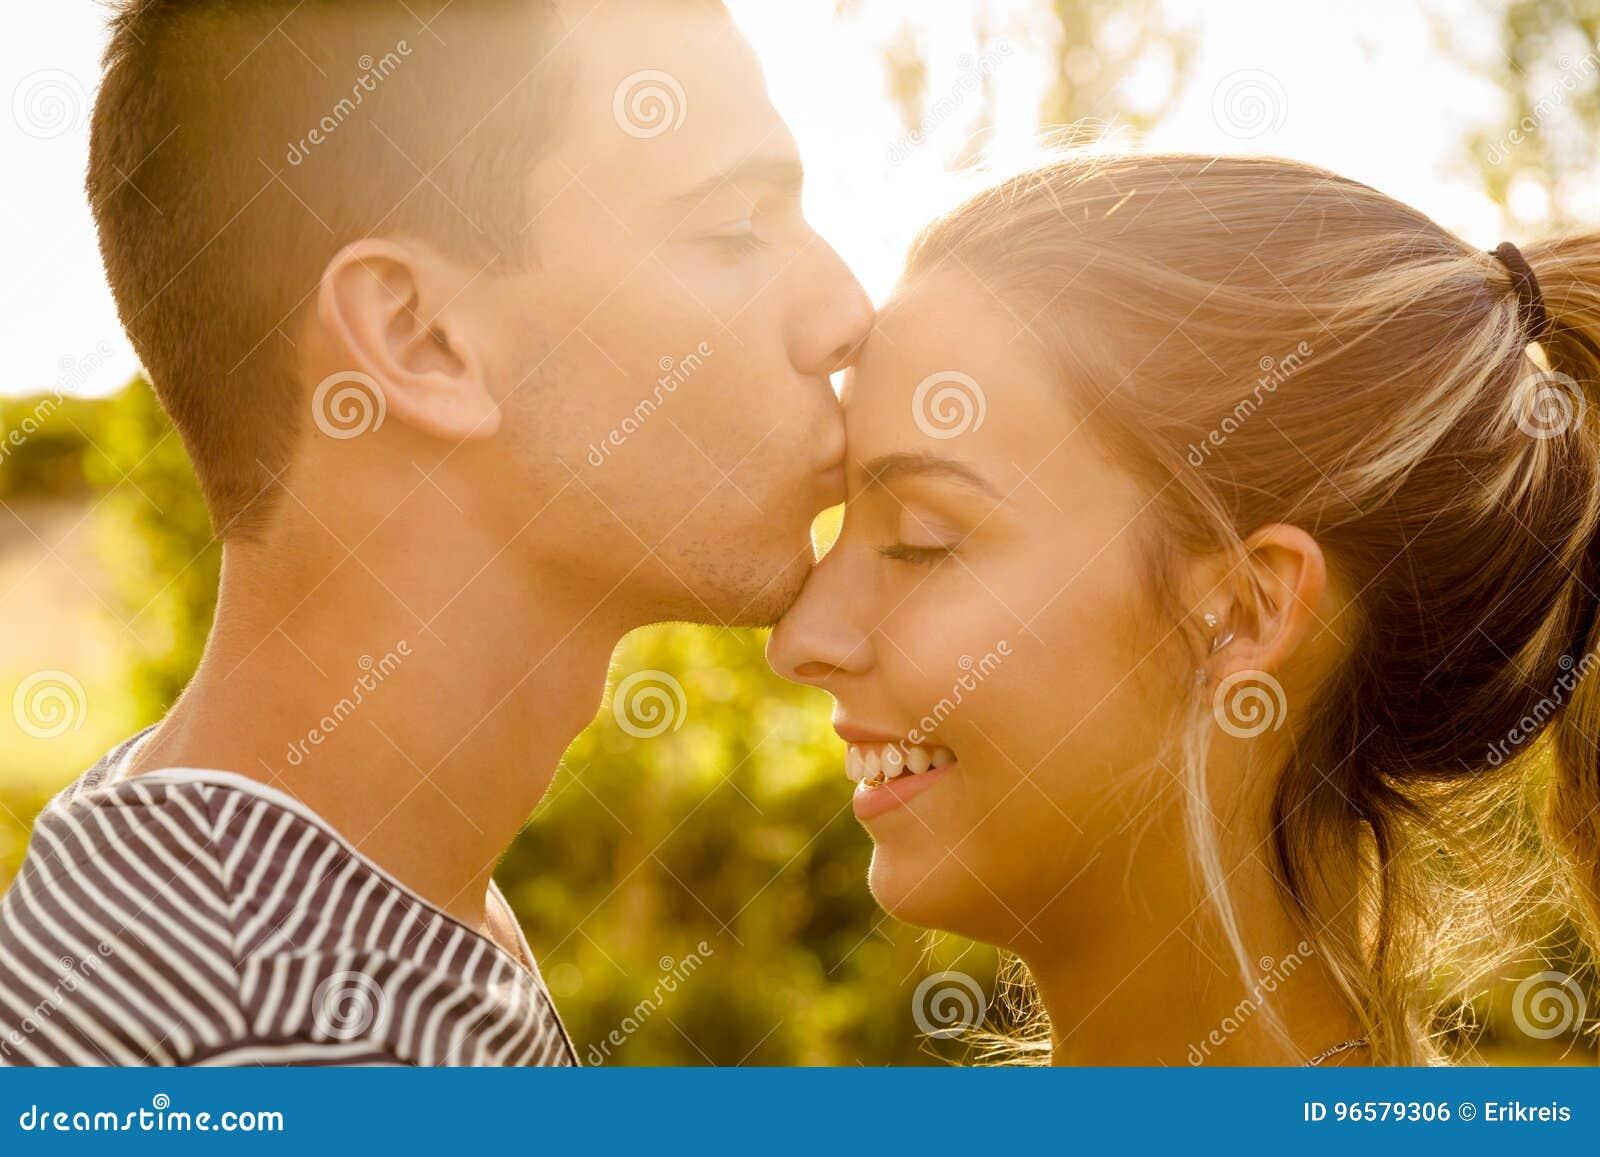 Perfekter Moment Für Einen Kuss Stockfoto Bild Von Kuß Liebe